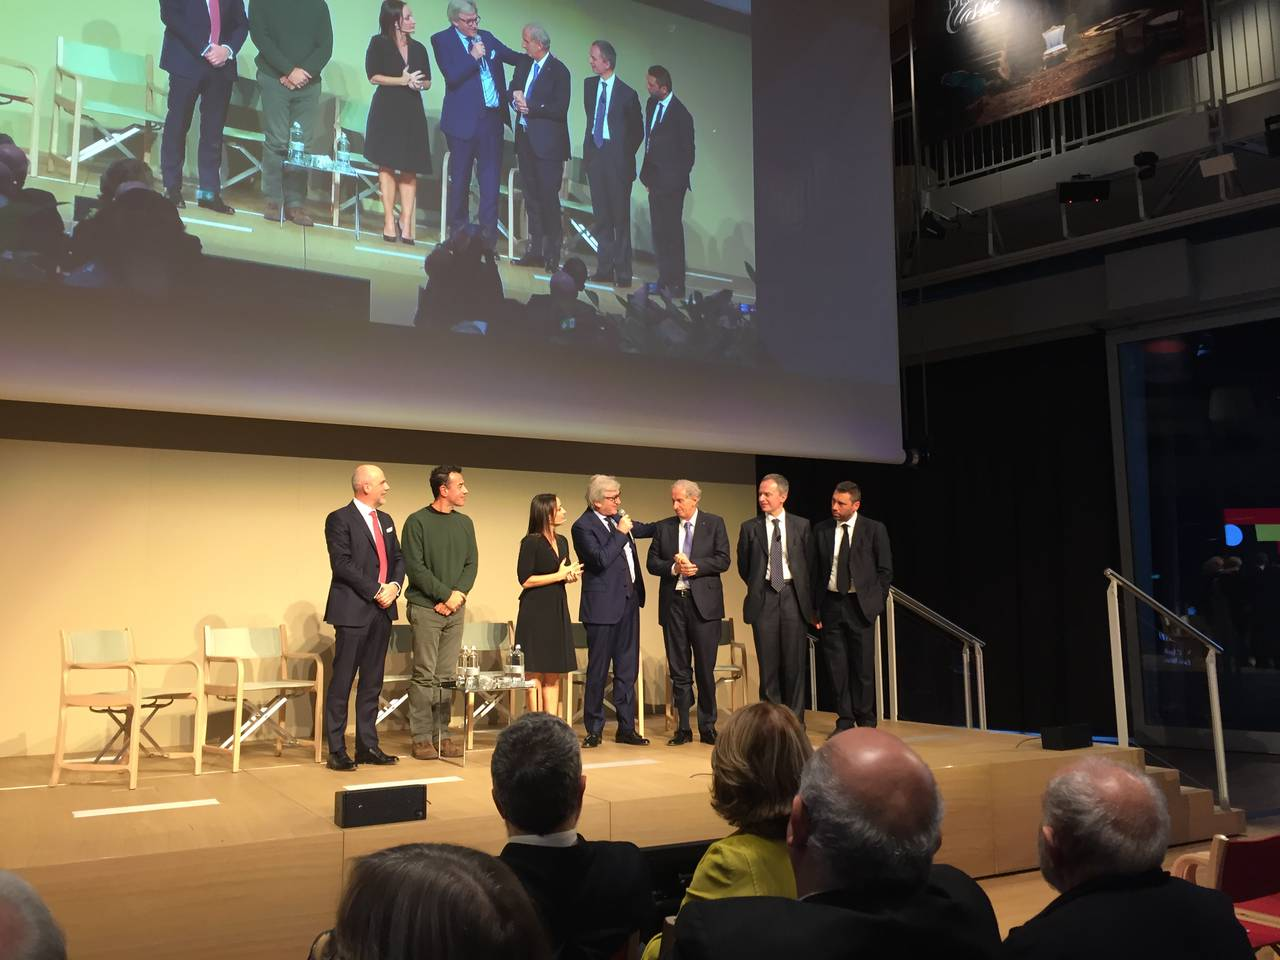 Mauro Guzzini, Matteo Garrone, Camila Raznovich, Roberto Snaidero, Giovanni Anzani, Giovanni De Ponti, Alberto Scavolini